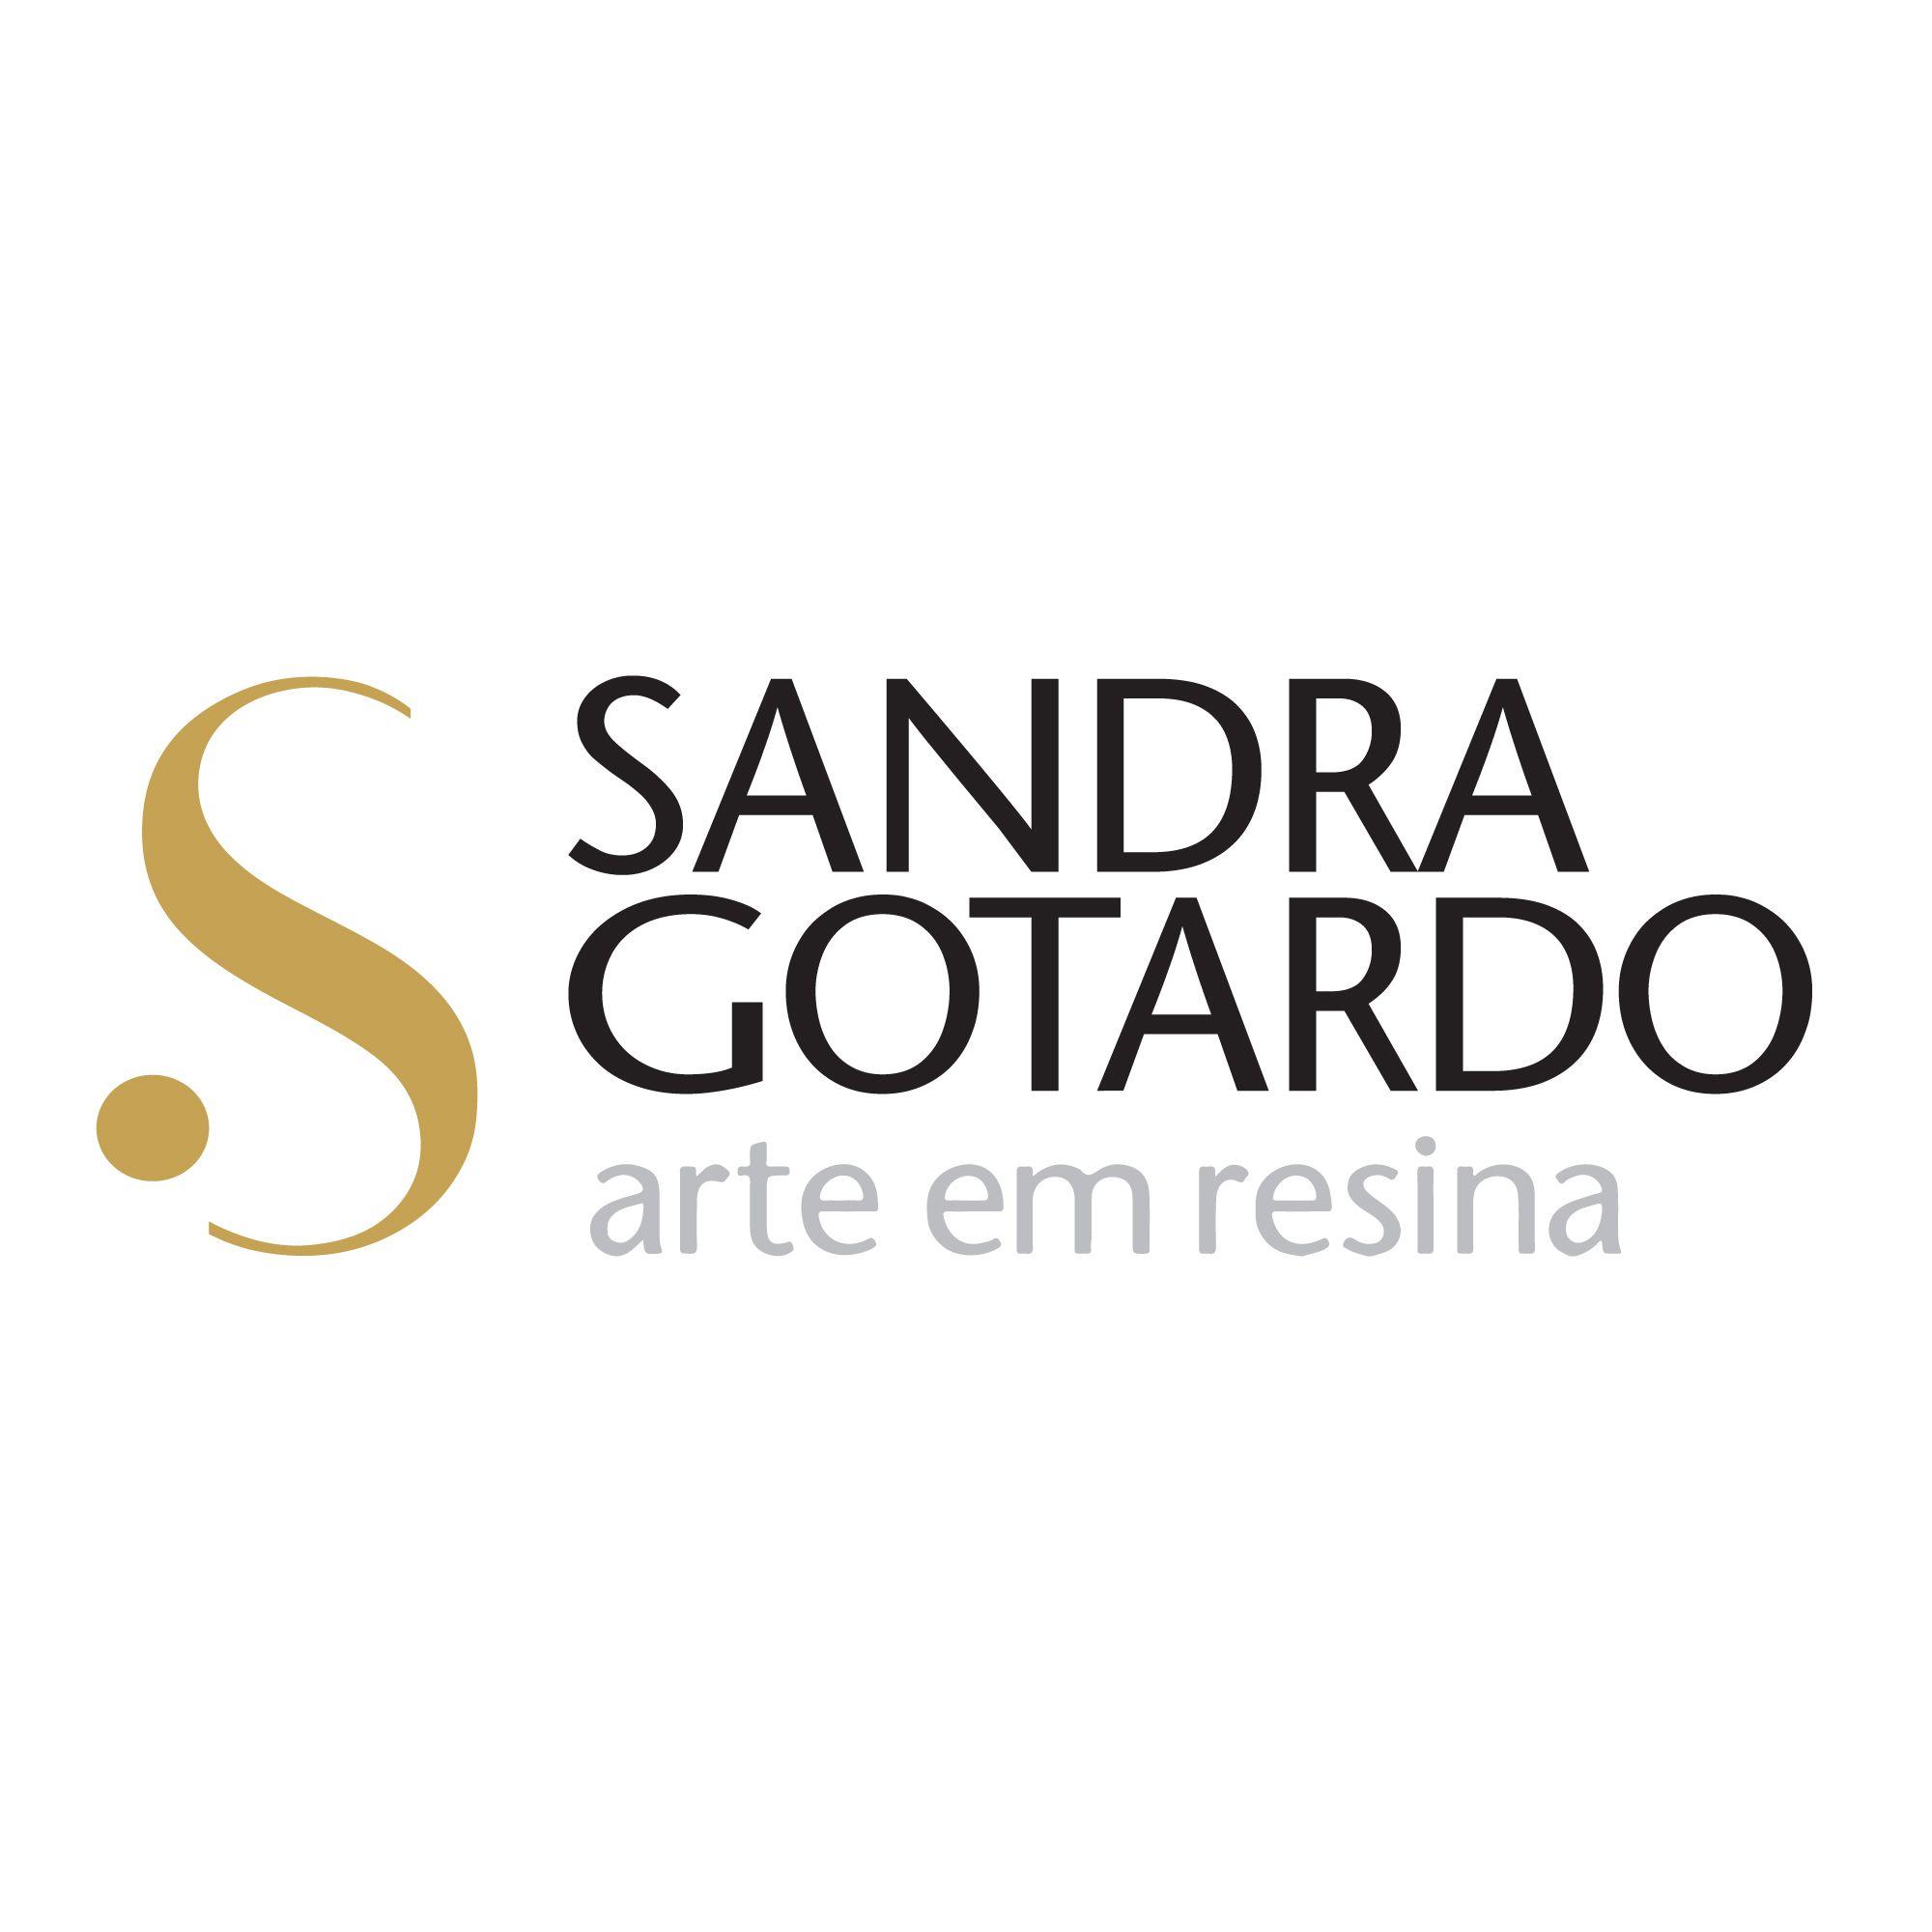 Bandeja Retangular Dourada Resina/espelhada Daiana02 - Sandra Gotardo